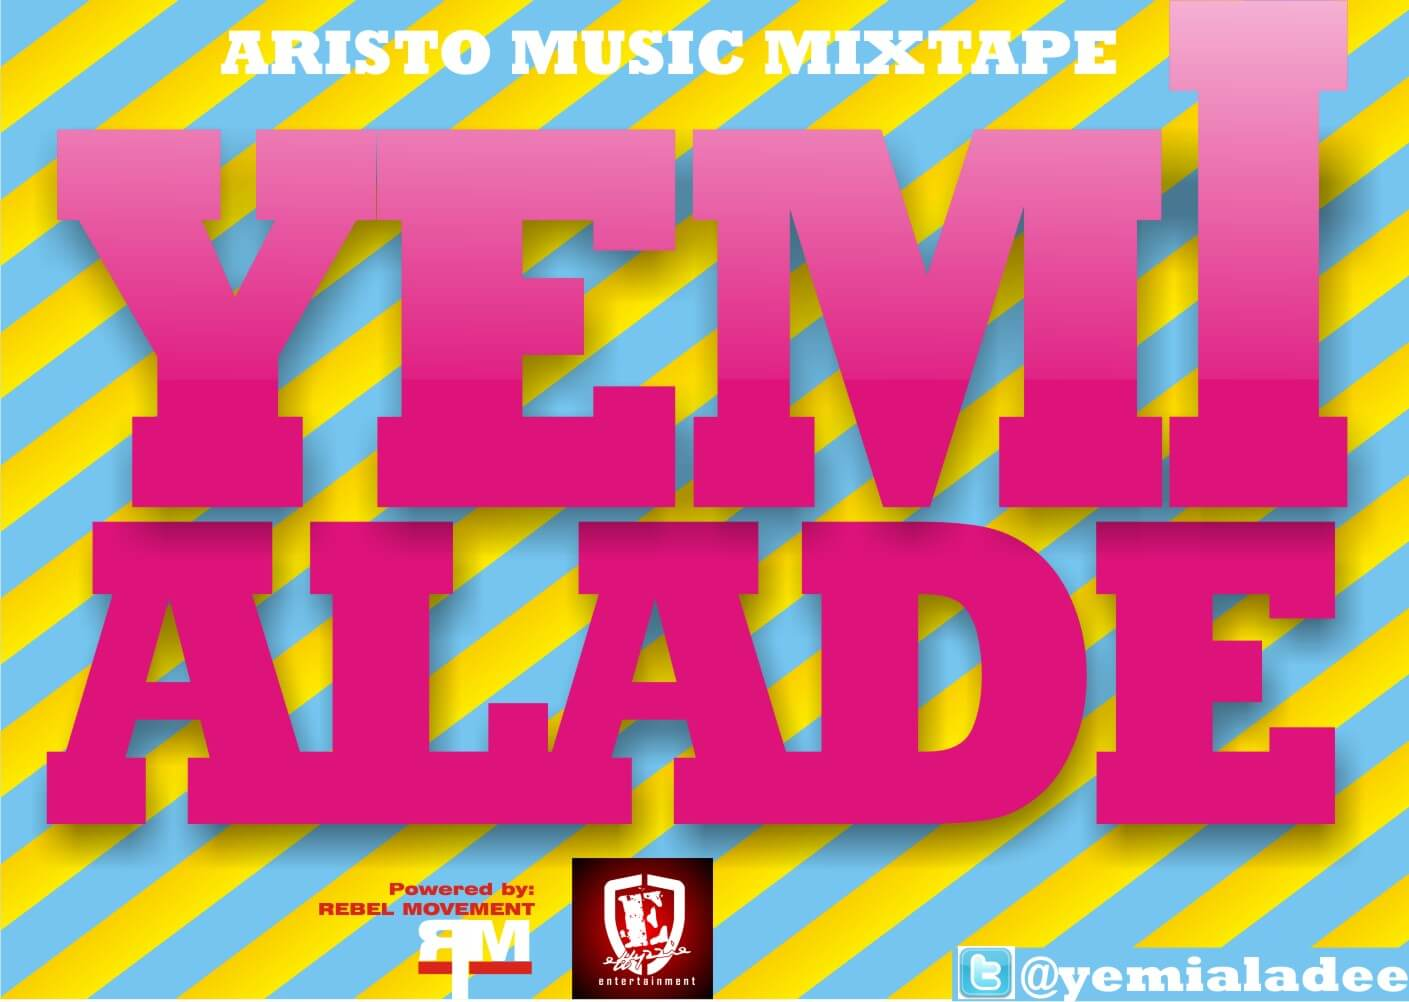 YEMI ALADE - ARISTO MUSIC